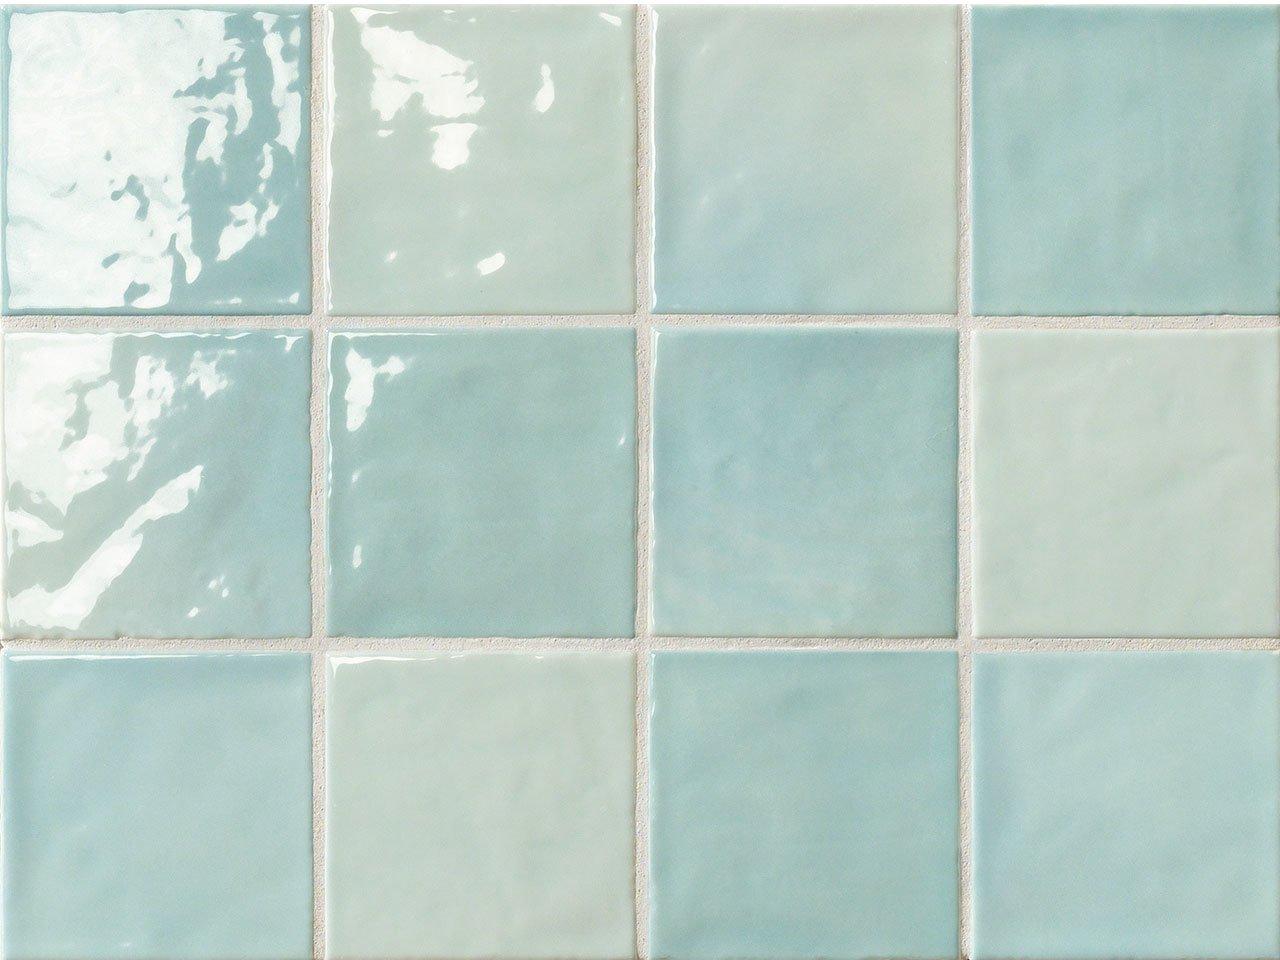 Bagno piastrelle blu idee di design per la casa - Piastrelle 10x10 bagno ...